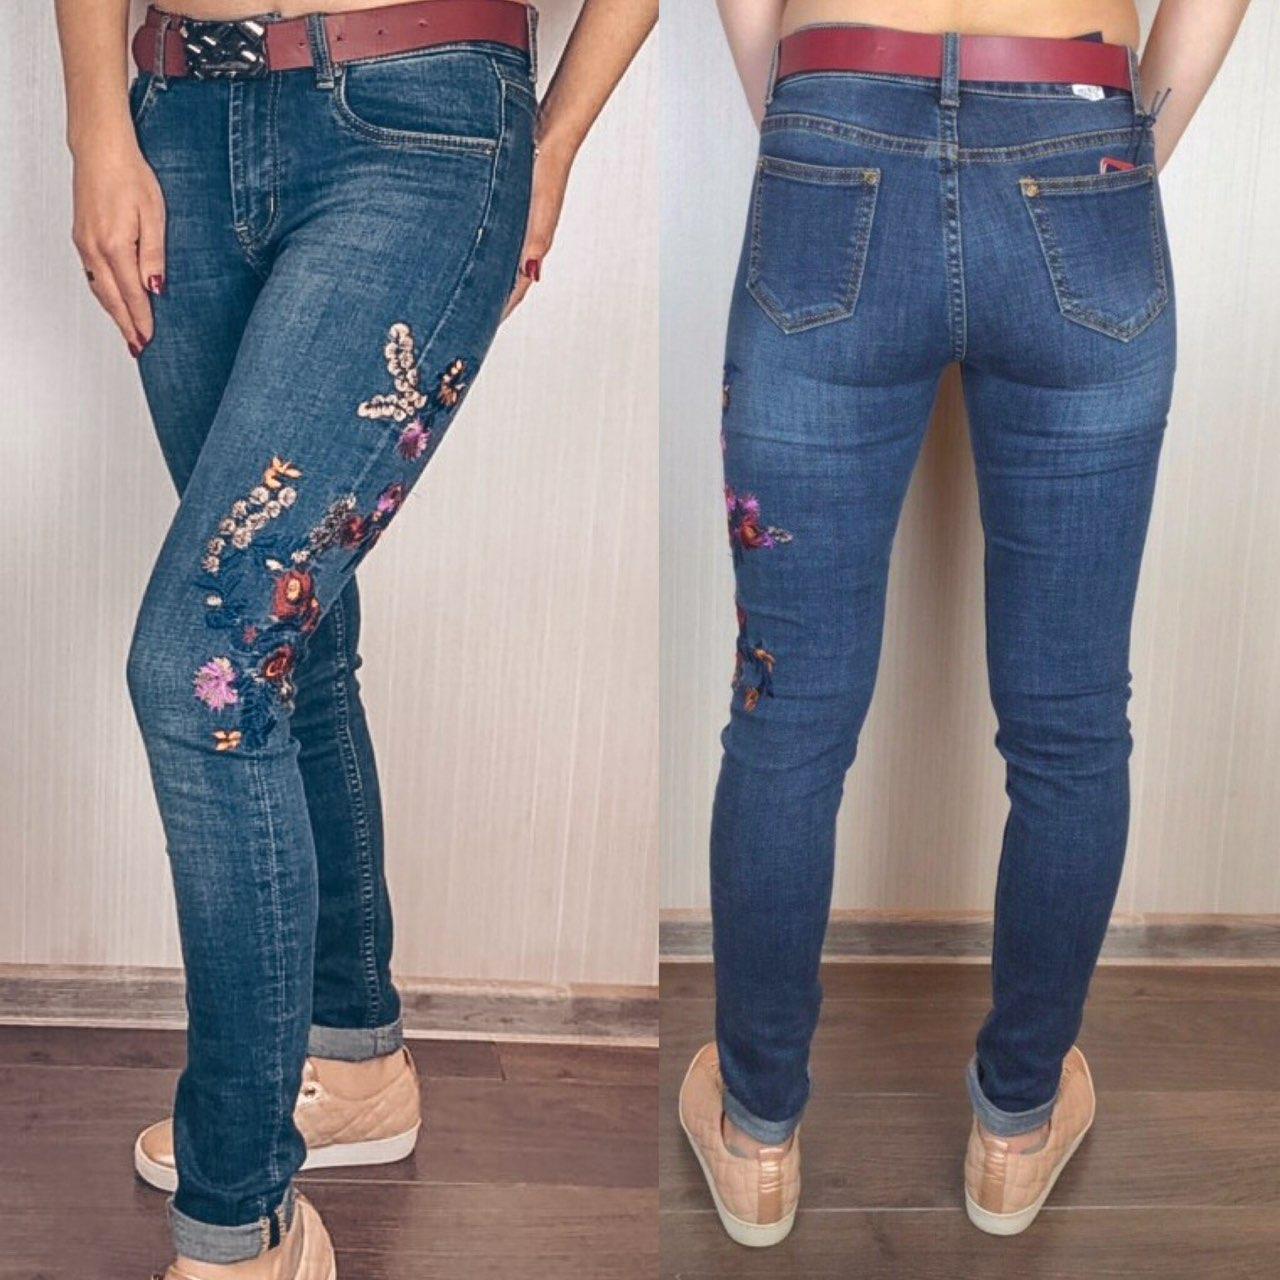 23a2b6b1031 Женские джинсы с вышивкой - bonny-style в Днепре